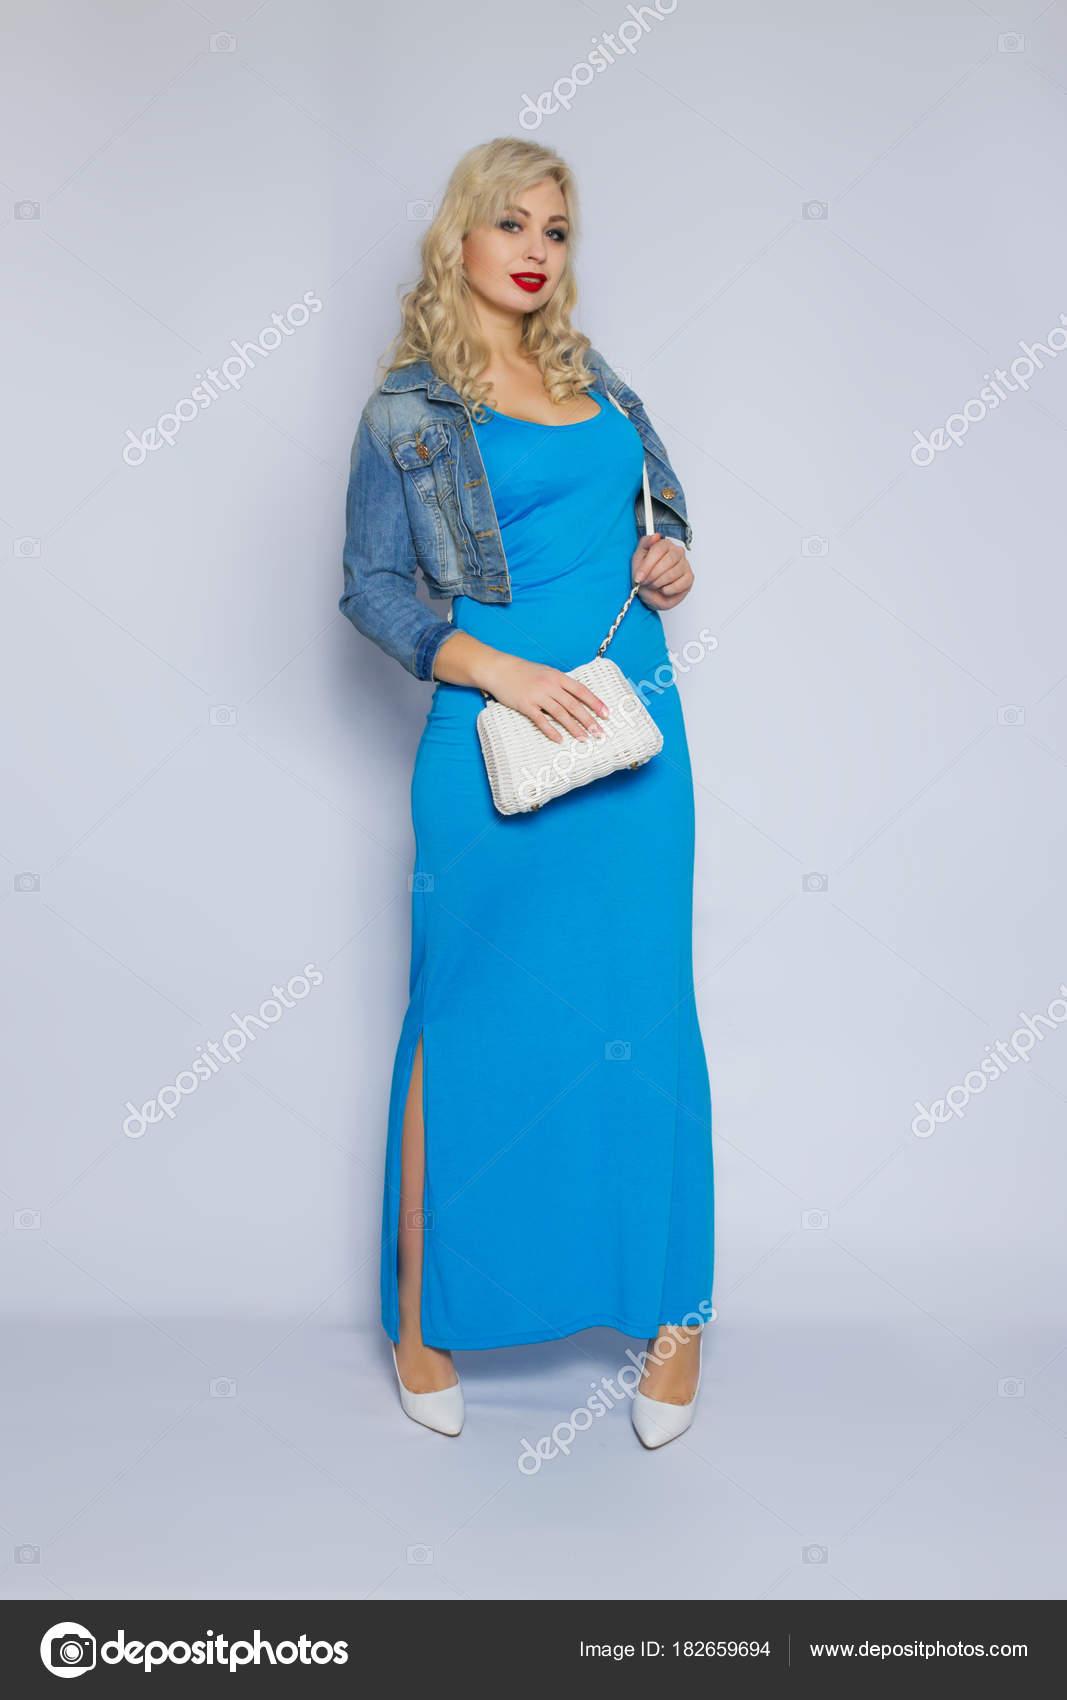 e128018b3418 Ritratto dello studio di una bella giovane donna bionda con capelli ricci.  Una dolce ragazza è vestita in un vestito blu e una giacca di jeans